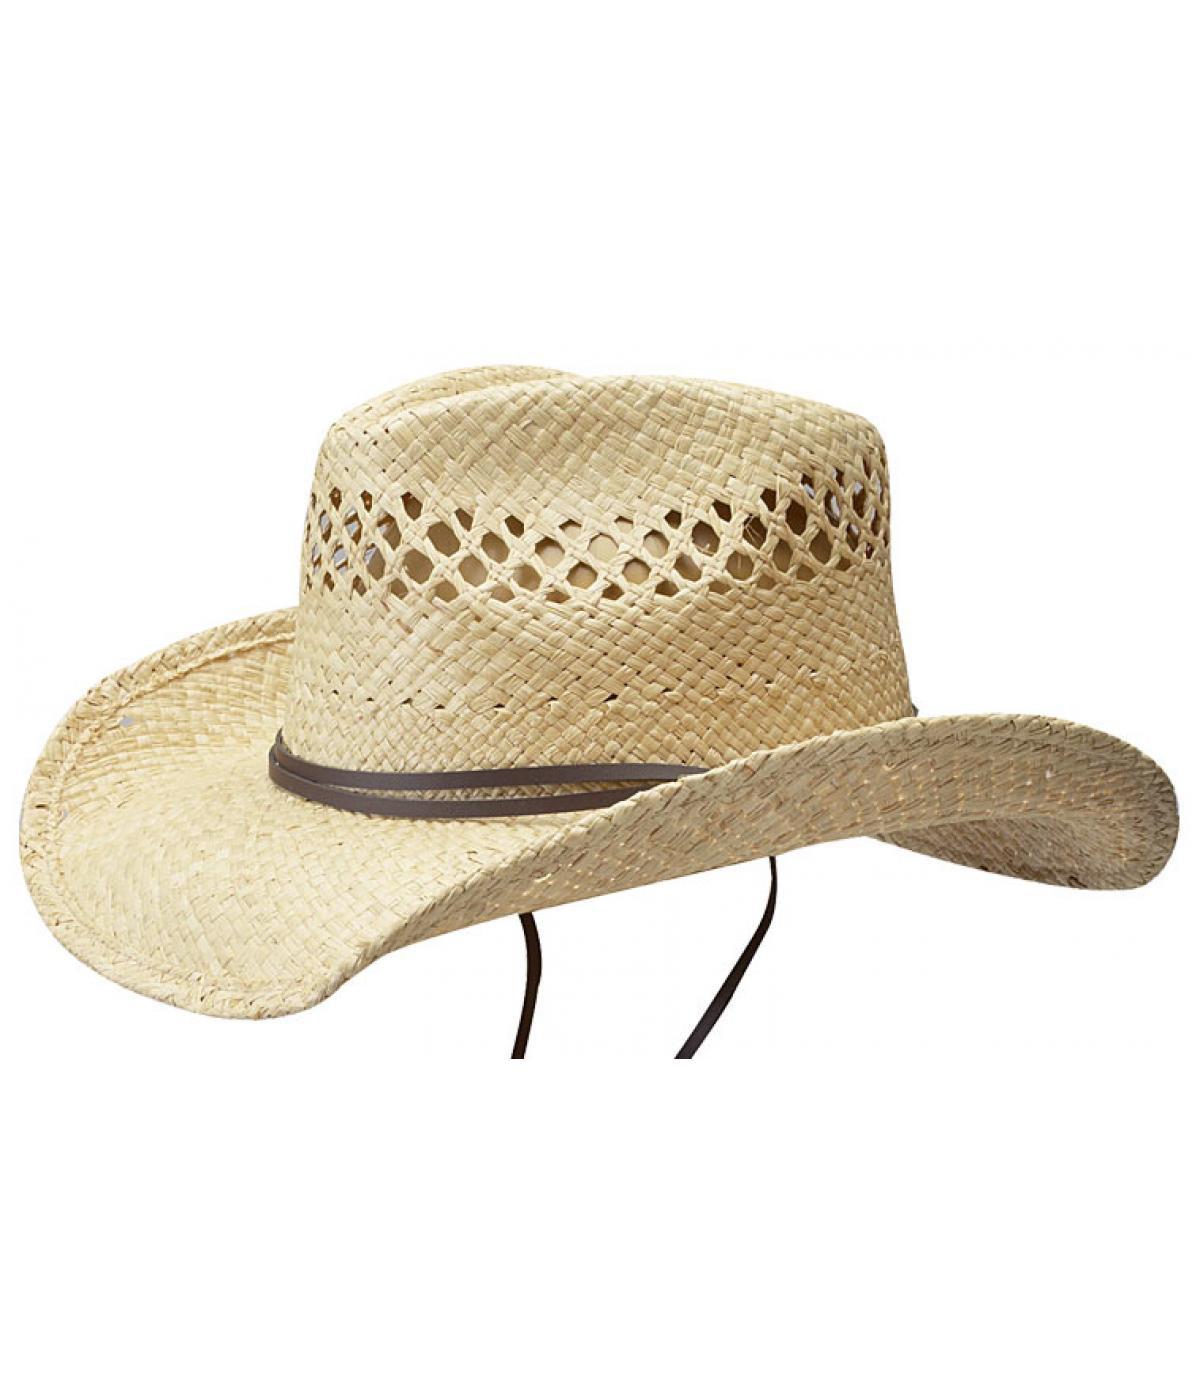 Stetson women cowboy hat